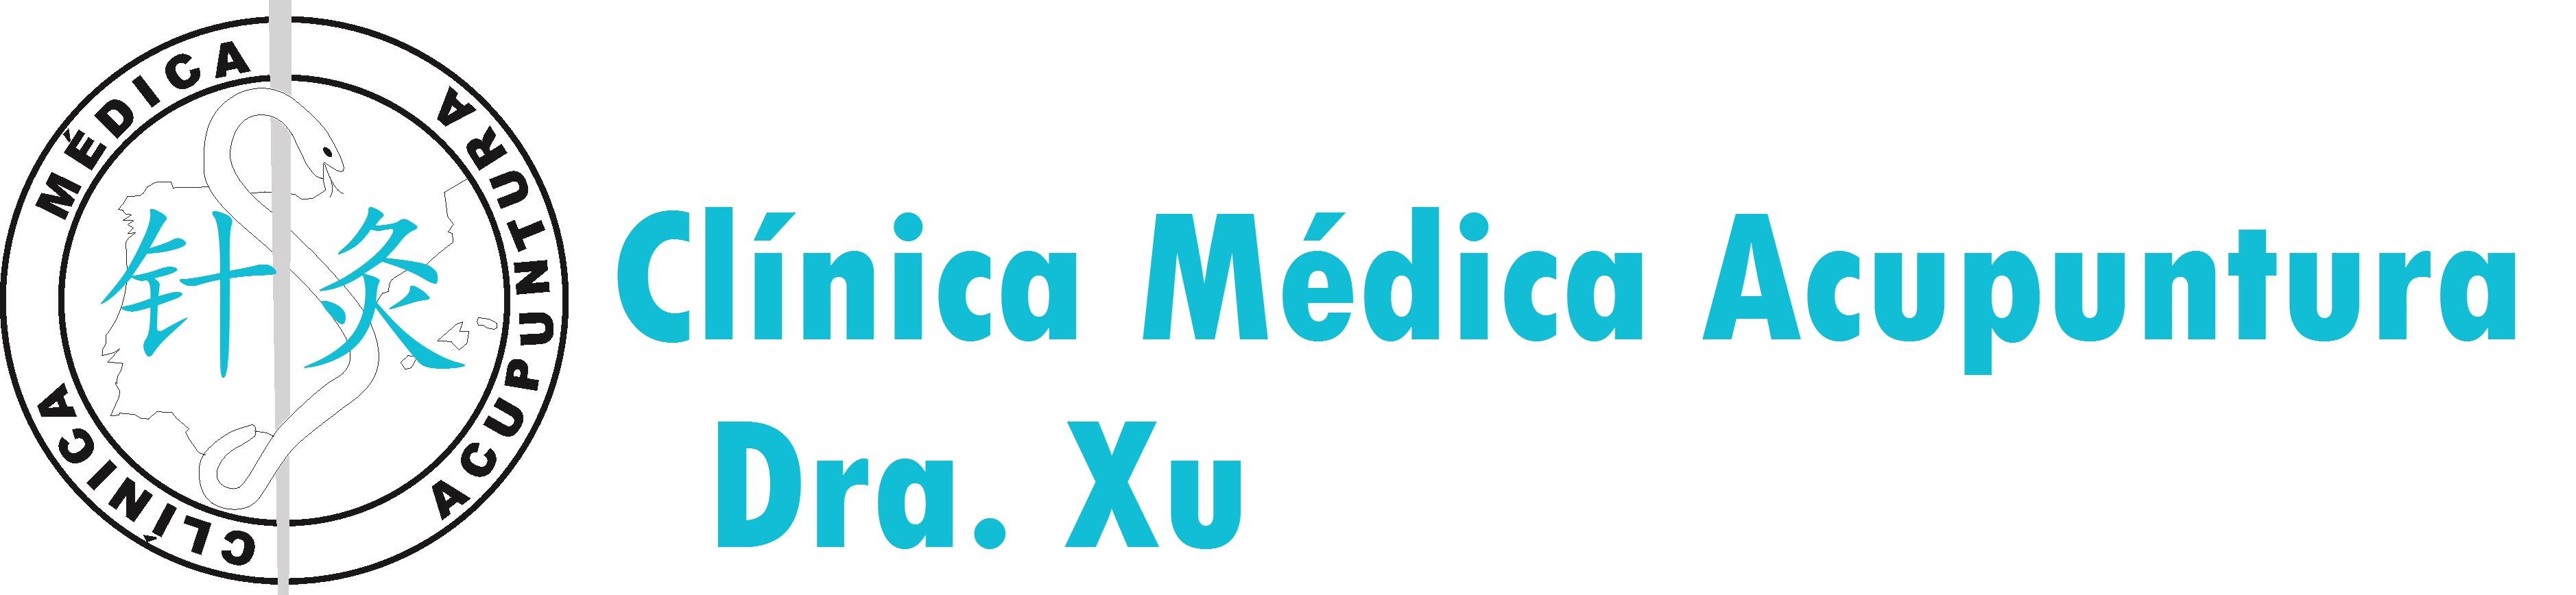 Clínica Médica Acupuntura Dra. Xu